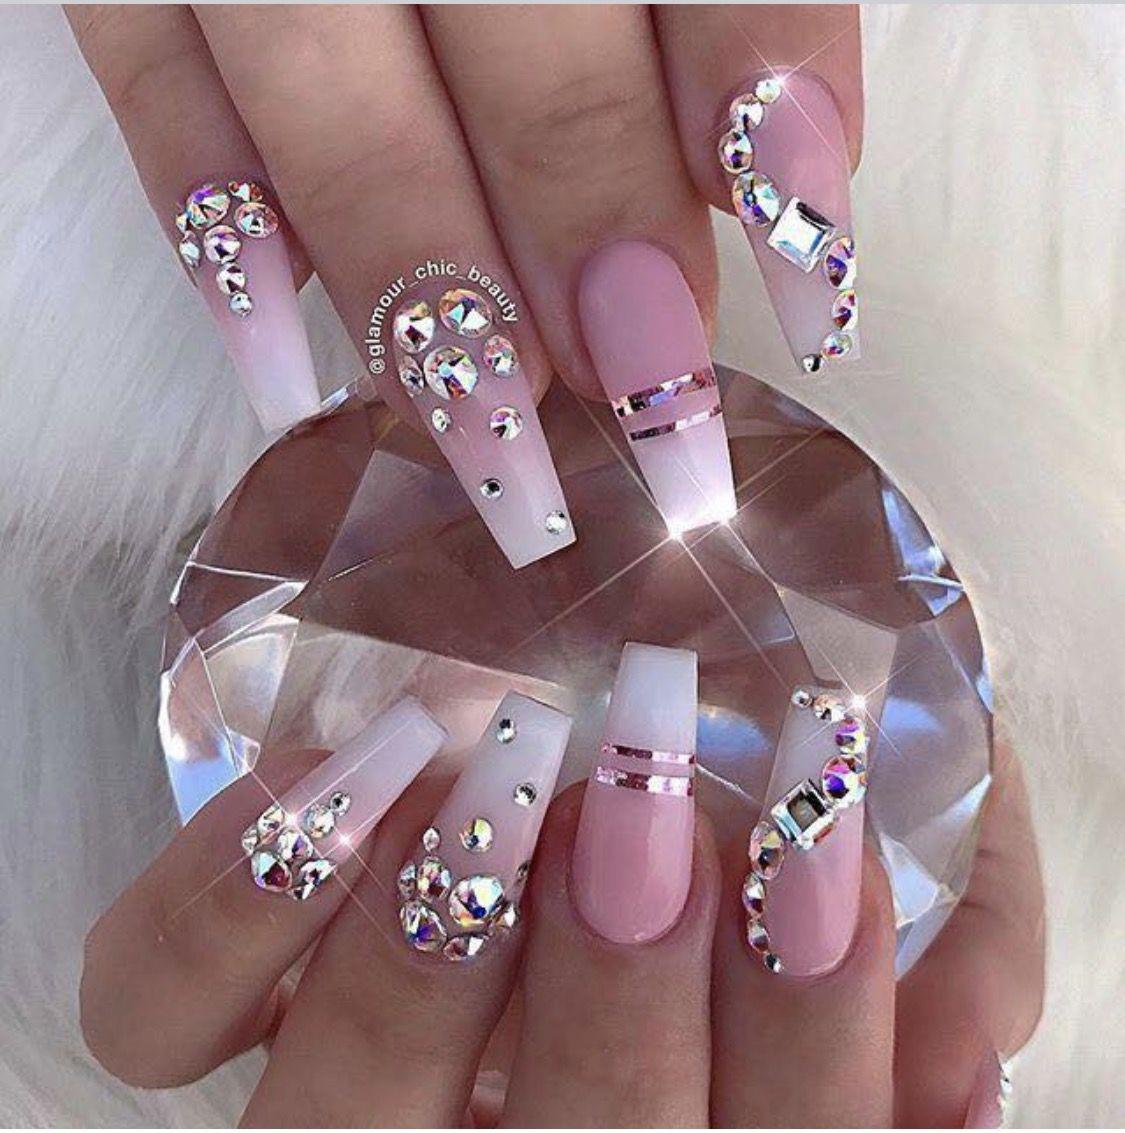 Pin von Janelle Bourda auf Nails! | Pinterest